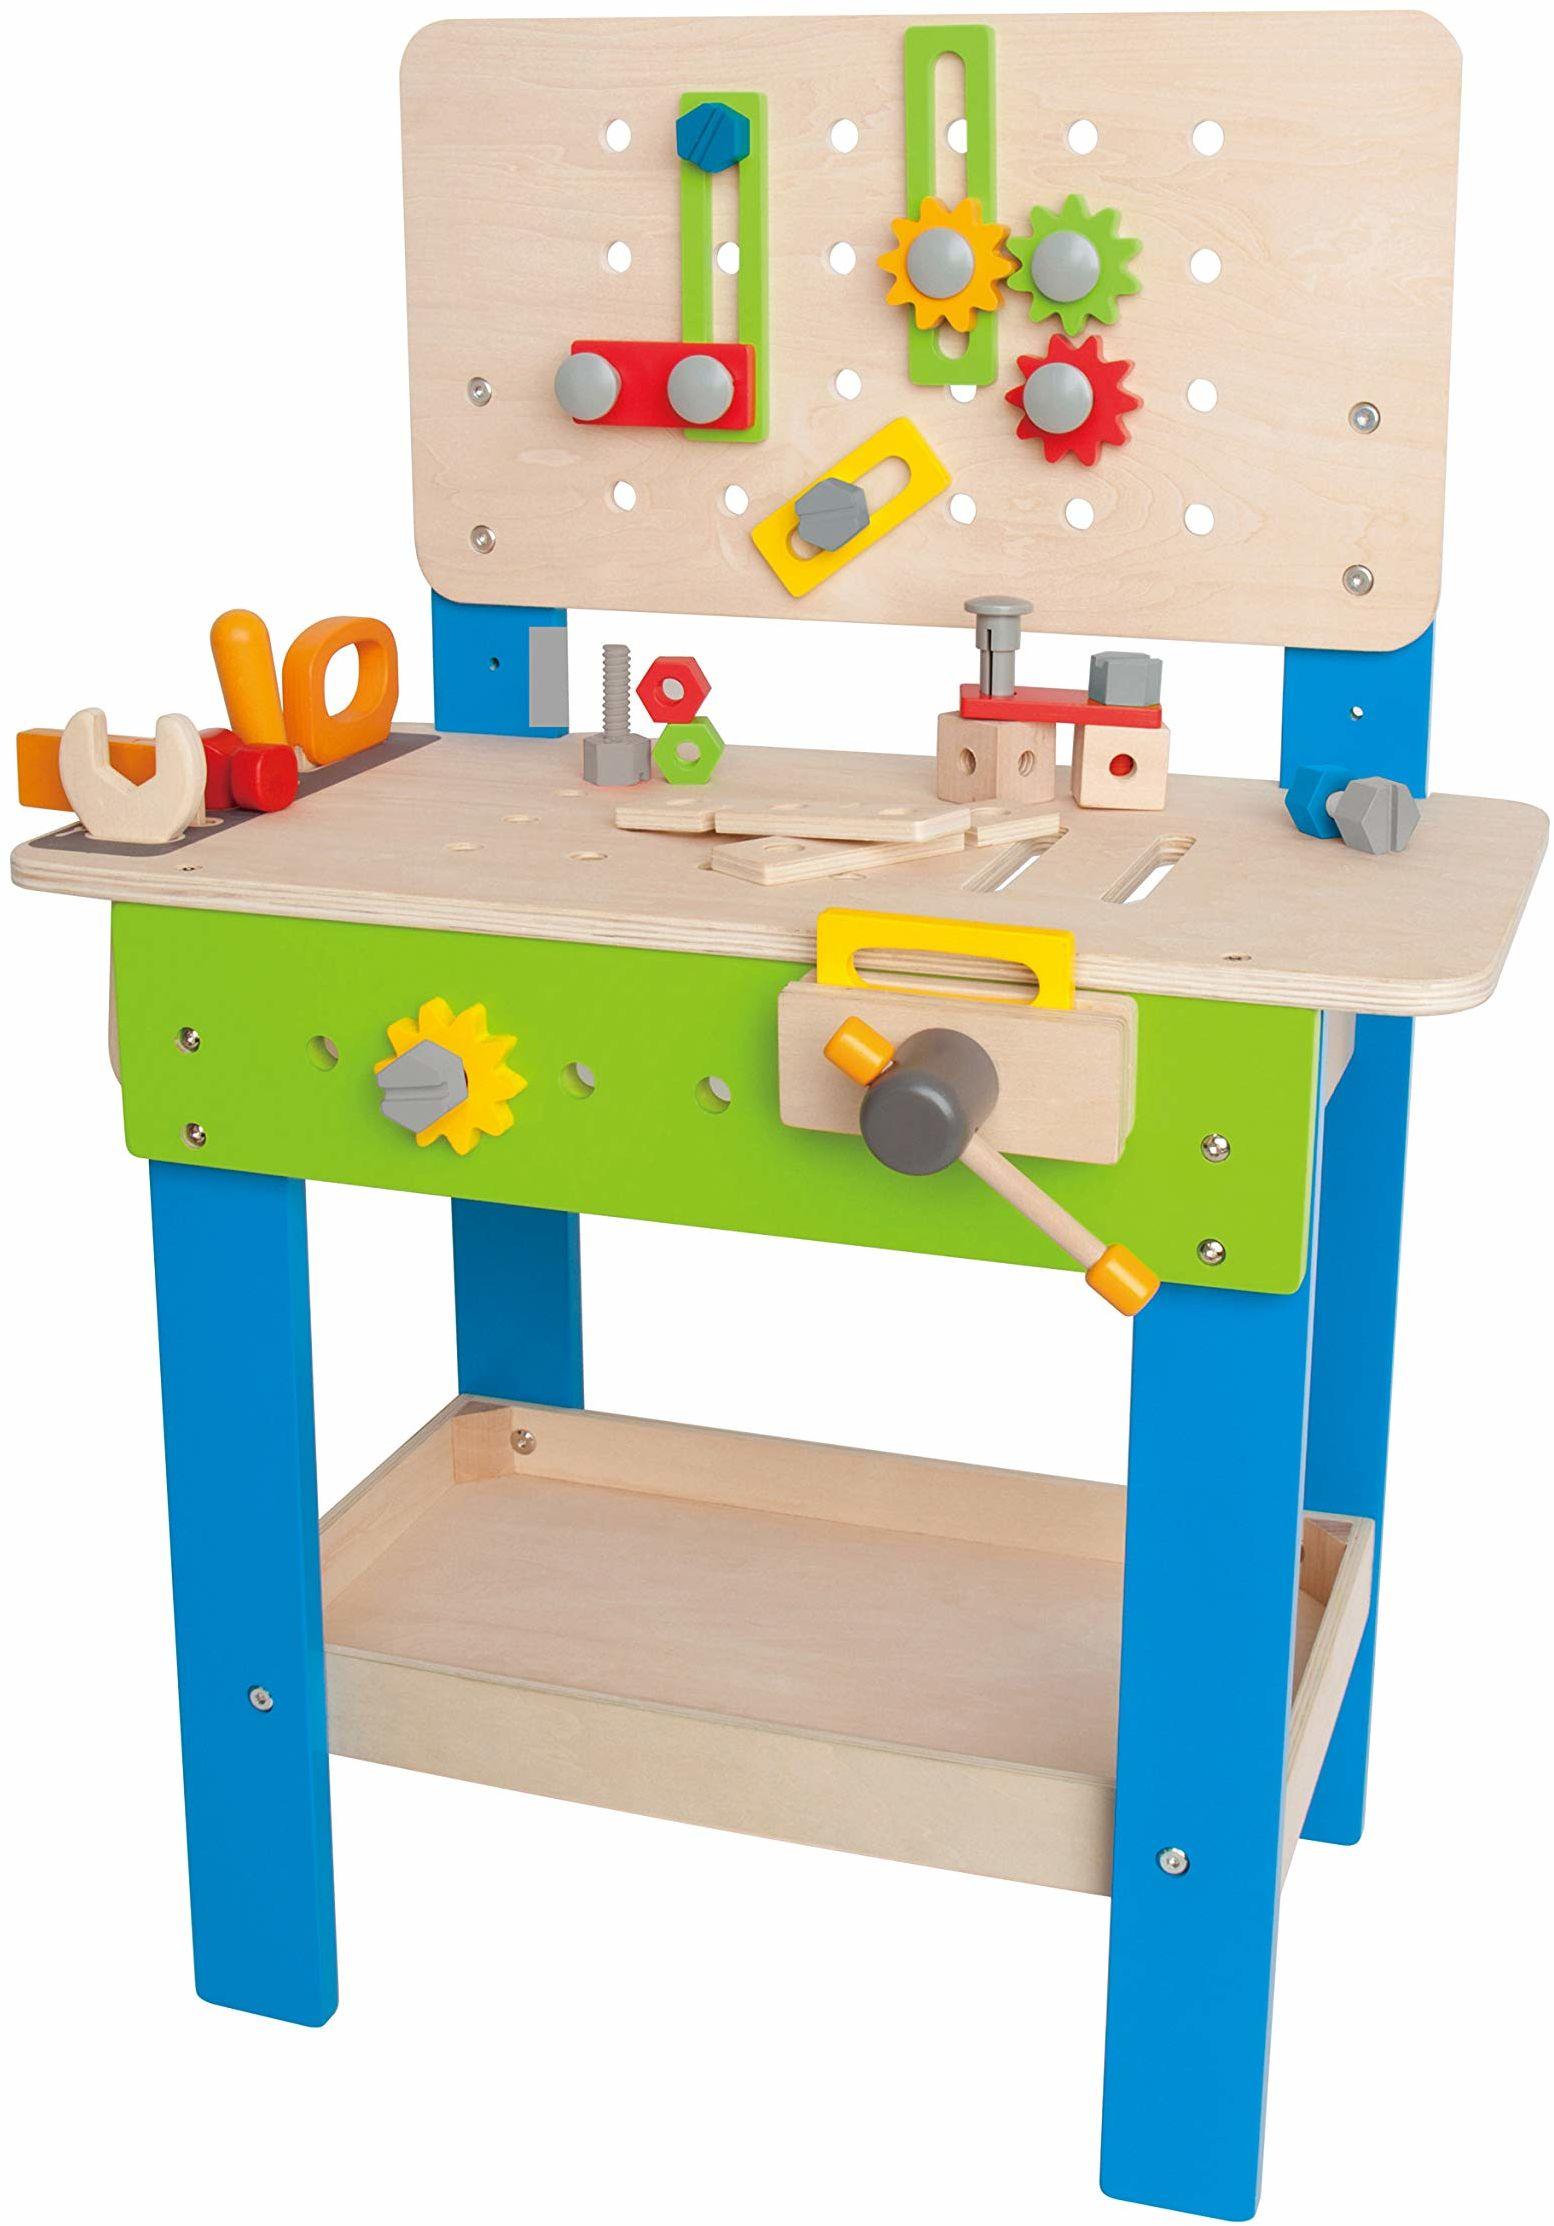 Hape Meister-stół warsztatowy nagradzana ławka narzędziowa dla dzieci z drewna, zabawka kreatywna budowa, regulacja wysokości, 35-częściowy warsztat dla małych dzieci